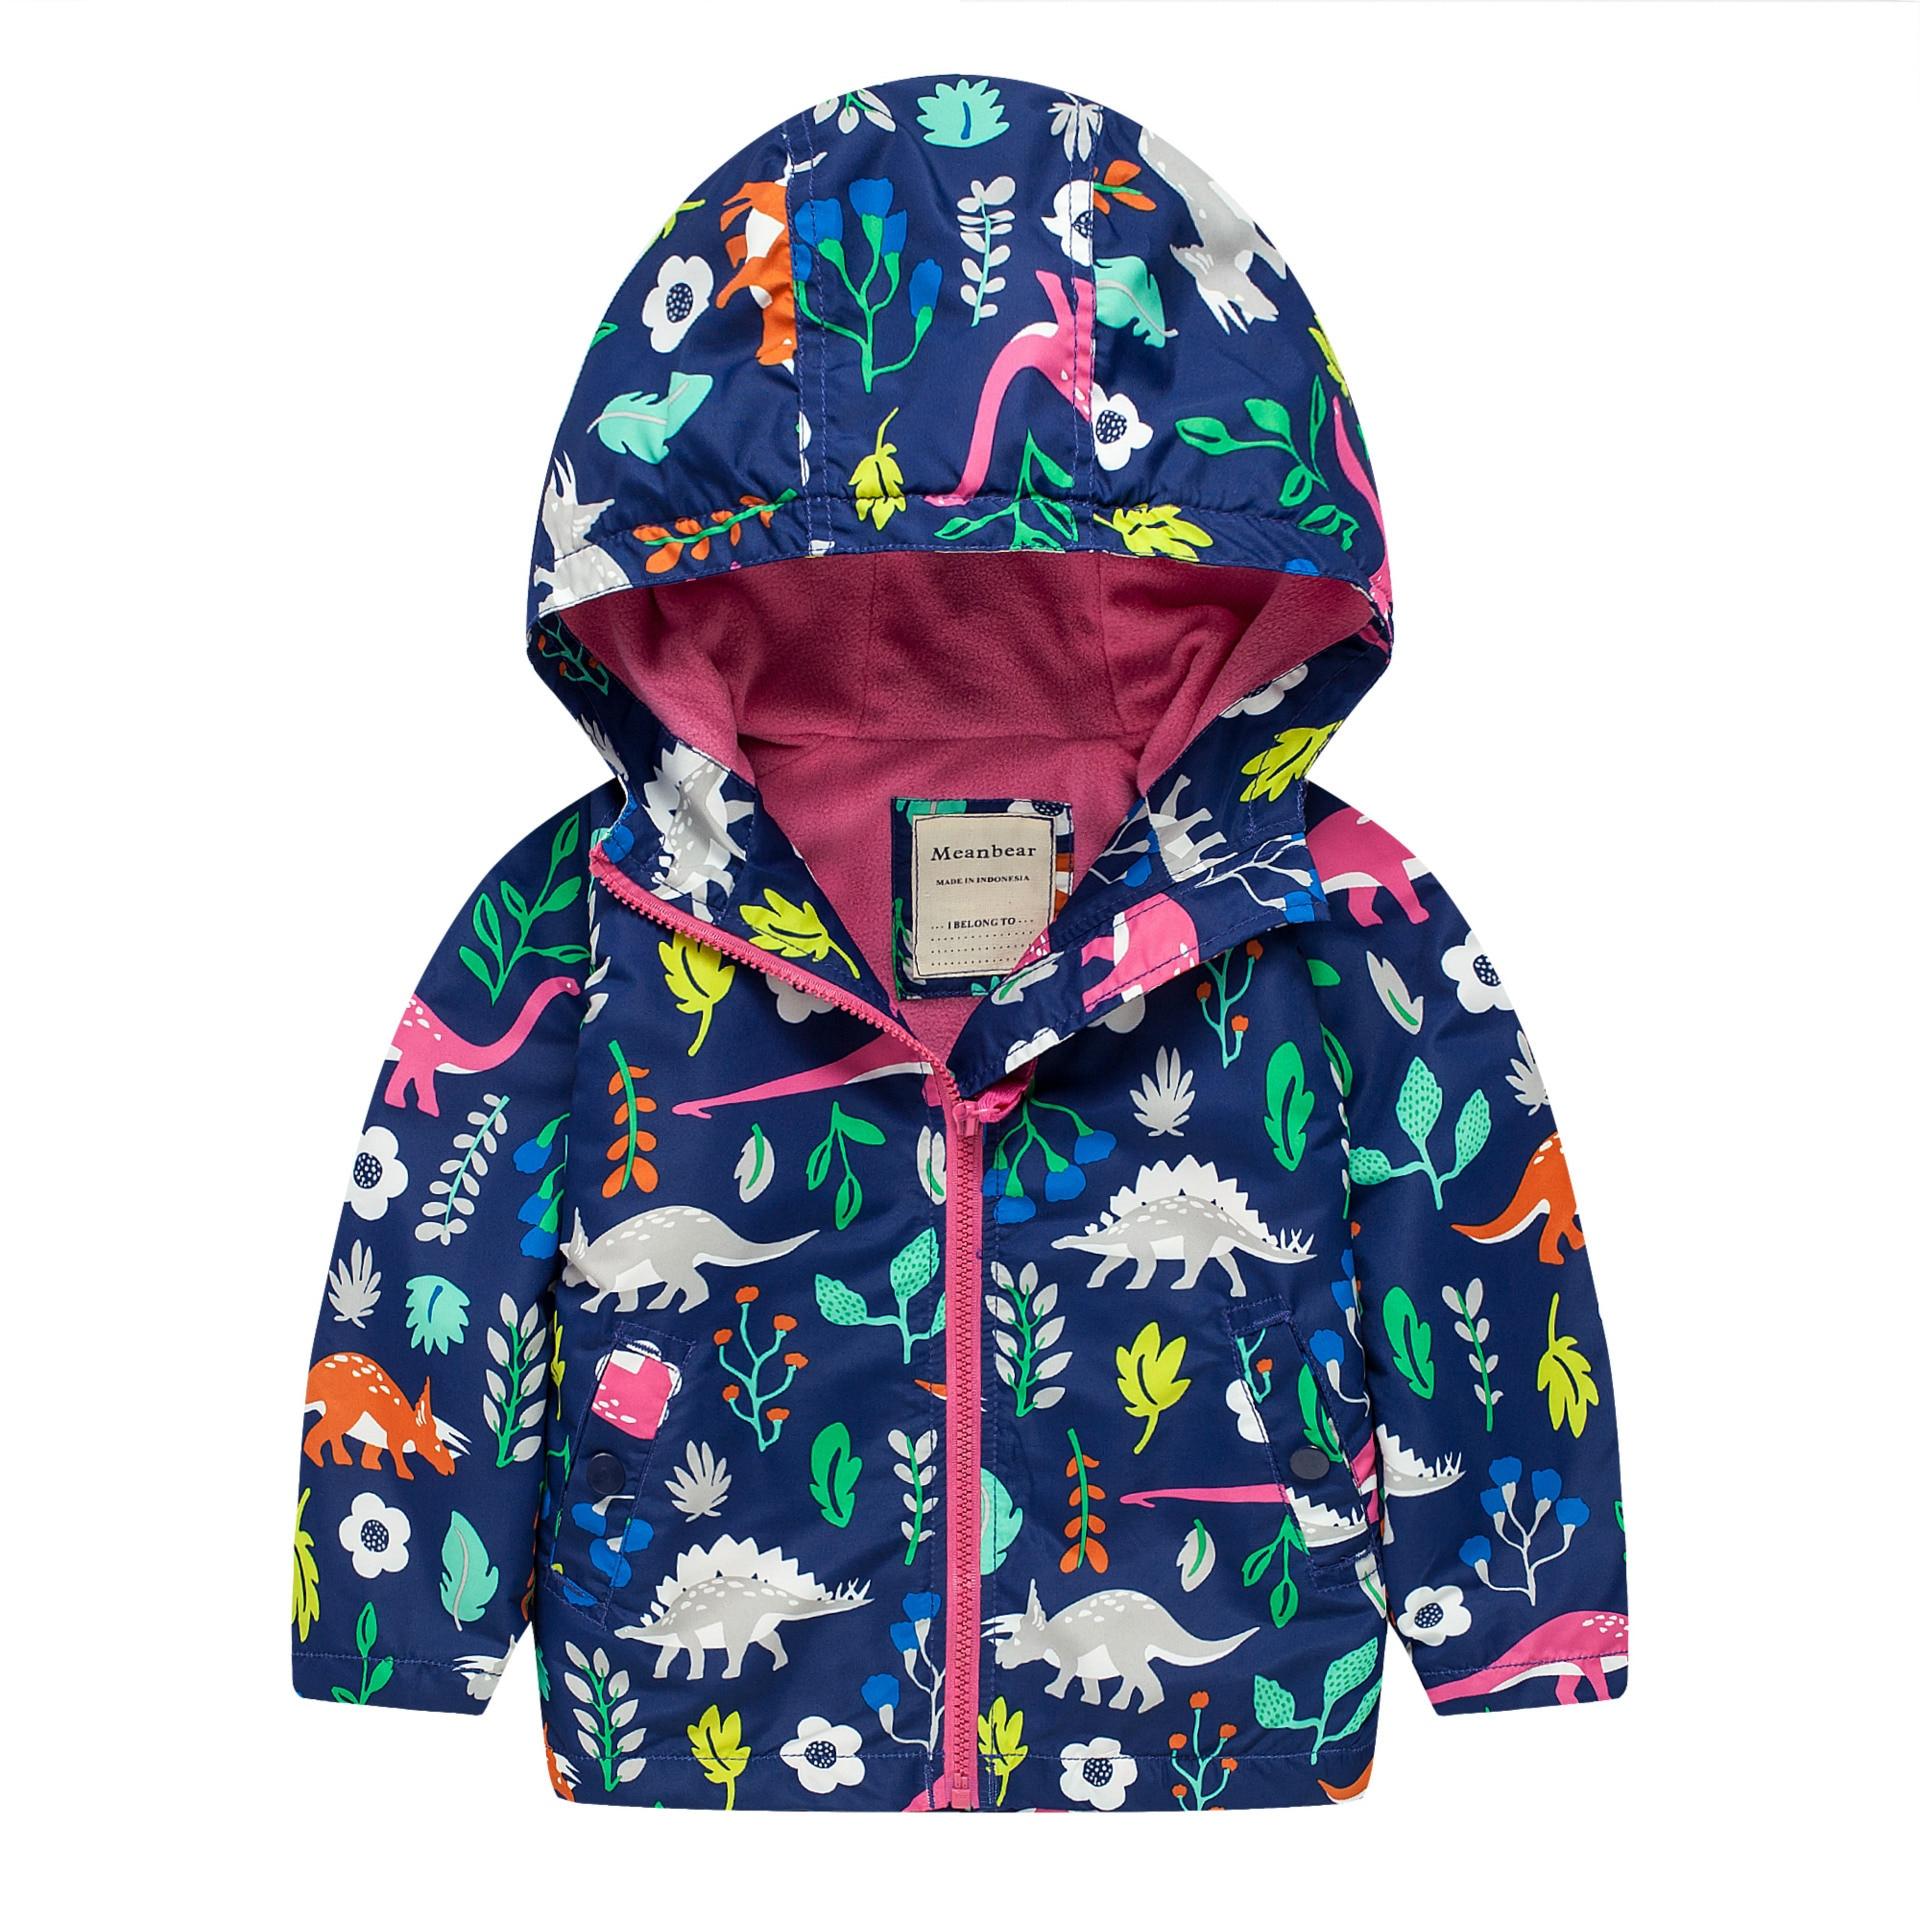 Žena dítě plus sametový příkop 2016 venkovní bunda tisk dětské příkopové svrchní oblečení